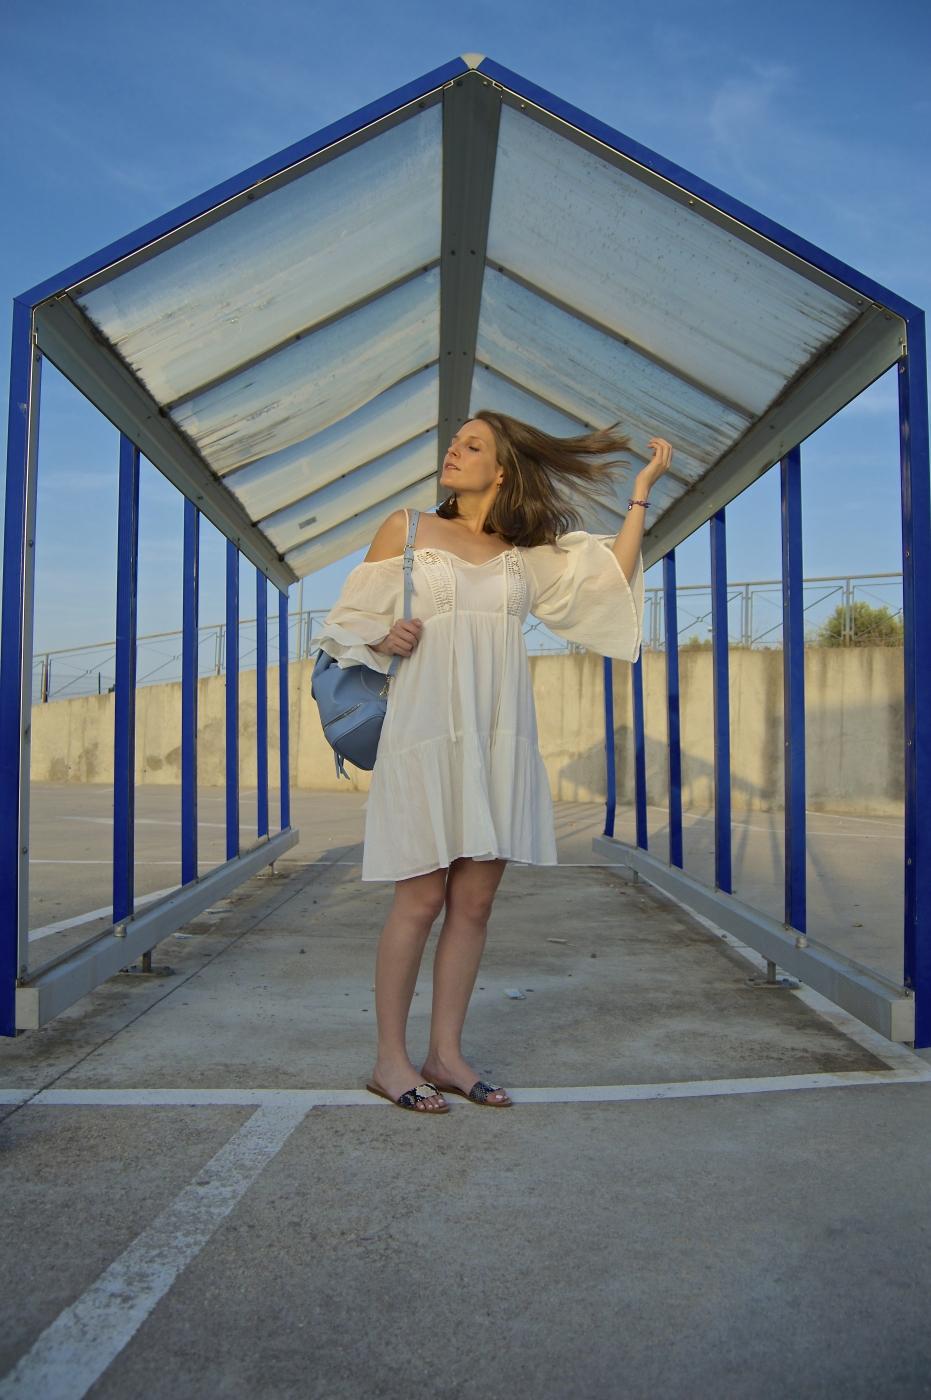 lara-vazquez-mad-lula-style-moda-streetstyle-glamour-vogue